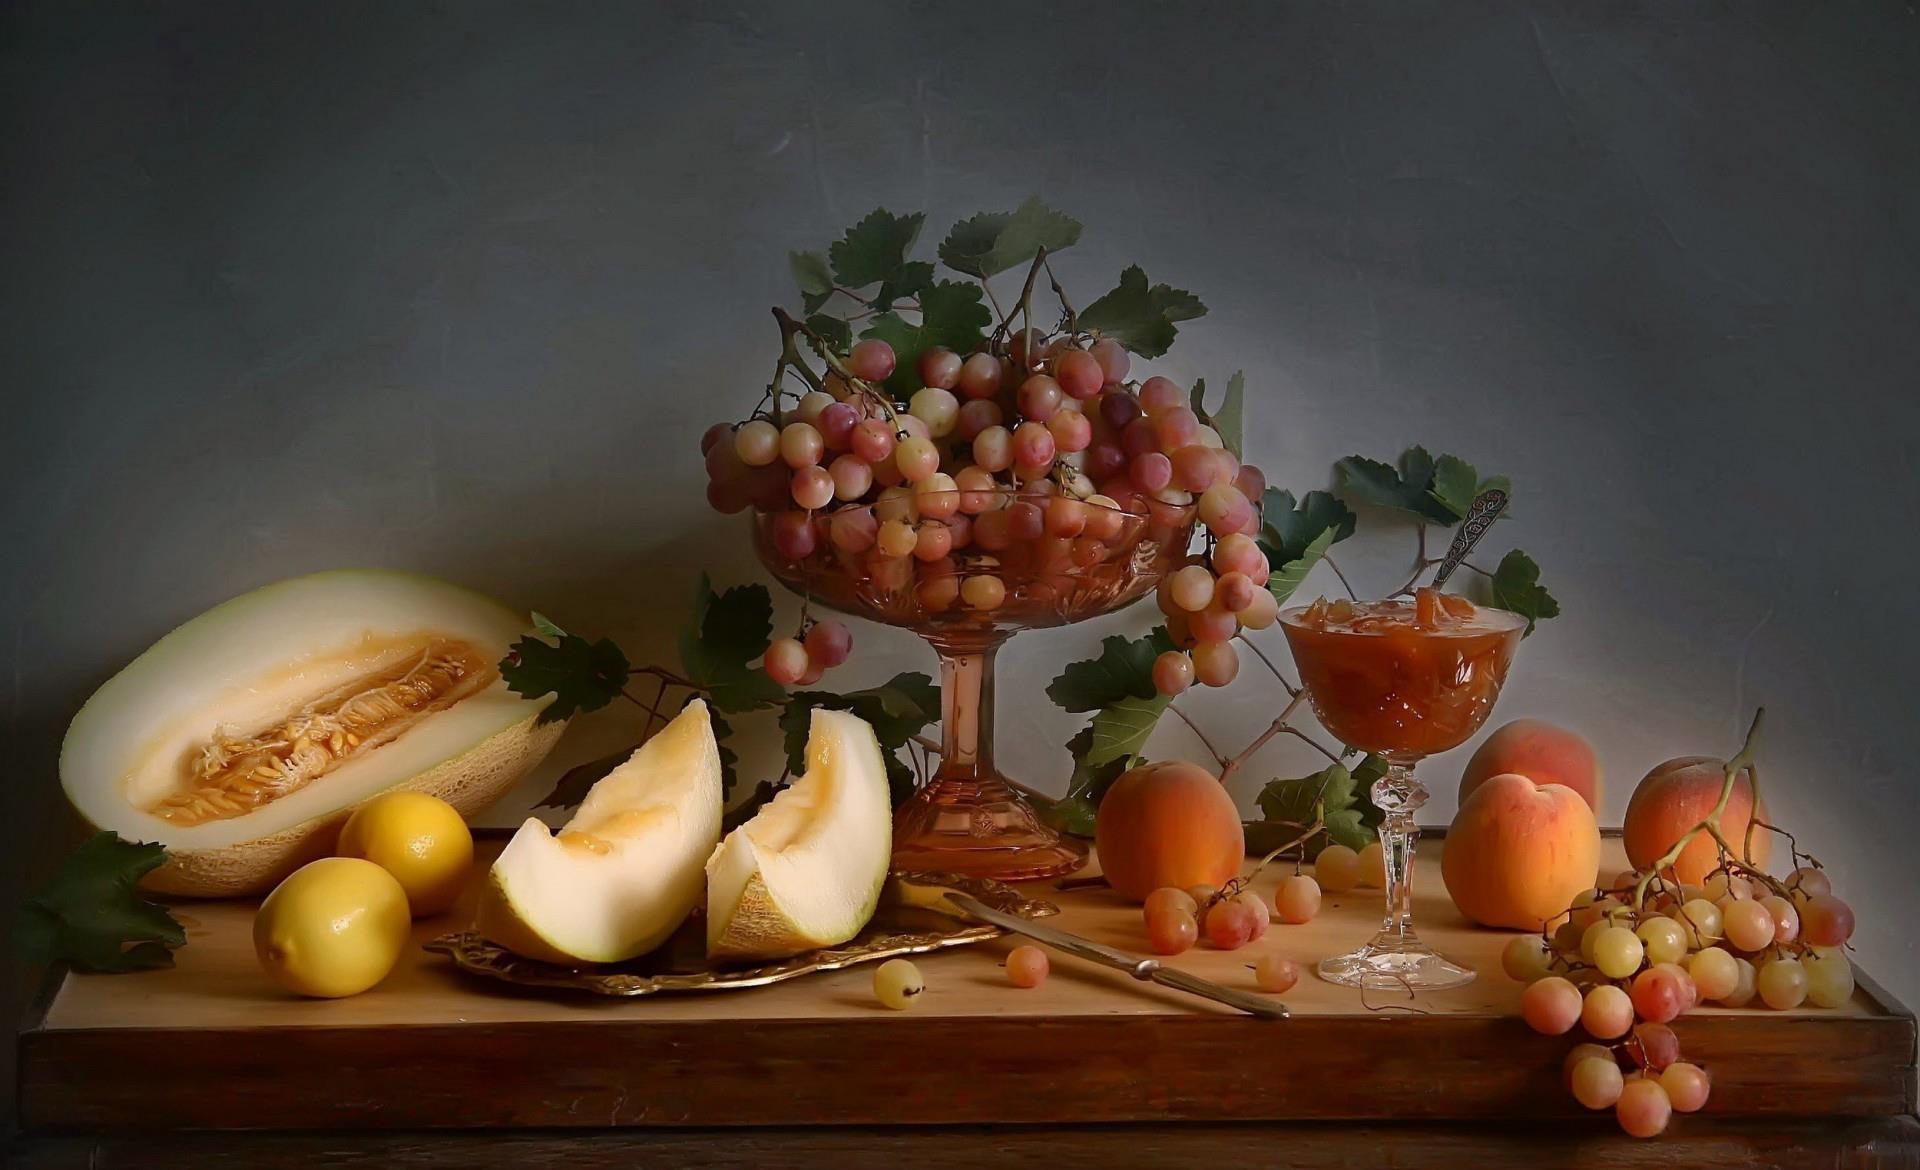 plateau-de-fruits_bien-manger-avec-appetit_14